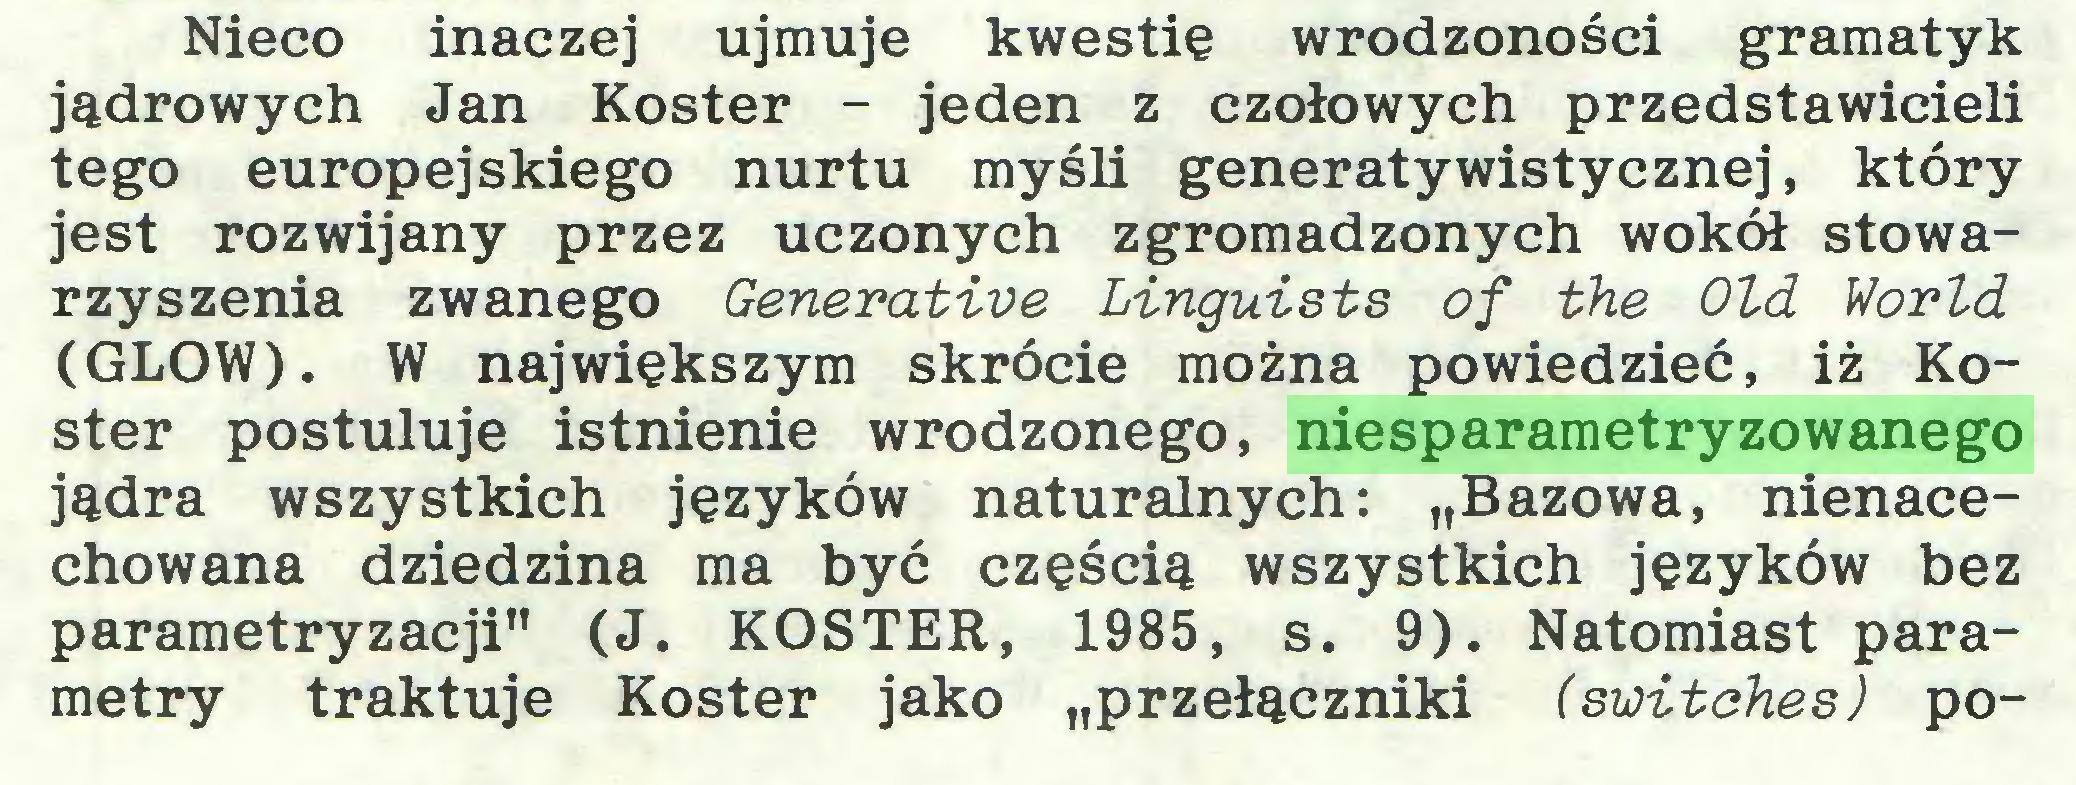 """(...) Nieco inaczej ujmuje kwestię wrodzoności gramatyk jądrowych Jan Koster - jeden z czołowych przedstawicieli tego europejskiego nurtu myśli generatywistycznej, który jest rozwijany przez uczonych zgromadzonych wokół stowarzyszenia zwanego Generative Linguists of the Old World (GLOW). W największym skrócie można powiedzieć, iż Koster postuluje istnienie wrodzonego, niesparametryzowanego jądra wszystkich języków naturalnych: """"Bazowa, nienacechowana dziedzina ma być częścią wszystkich języków bez parametryzacji"""" (J. KOSTER, 1985, s. 9). Natomiast parametry traktuje Koster jako """"przełączniki (switches) po..."""